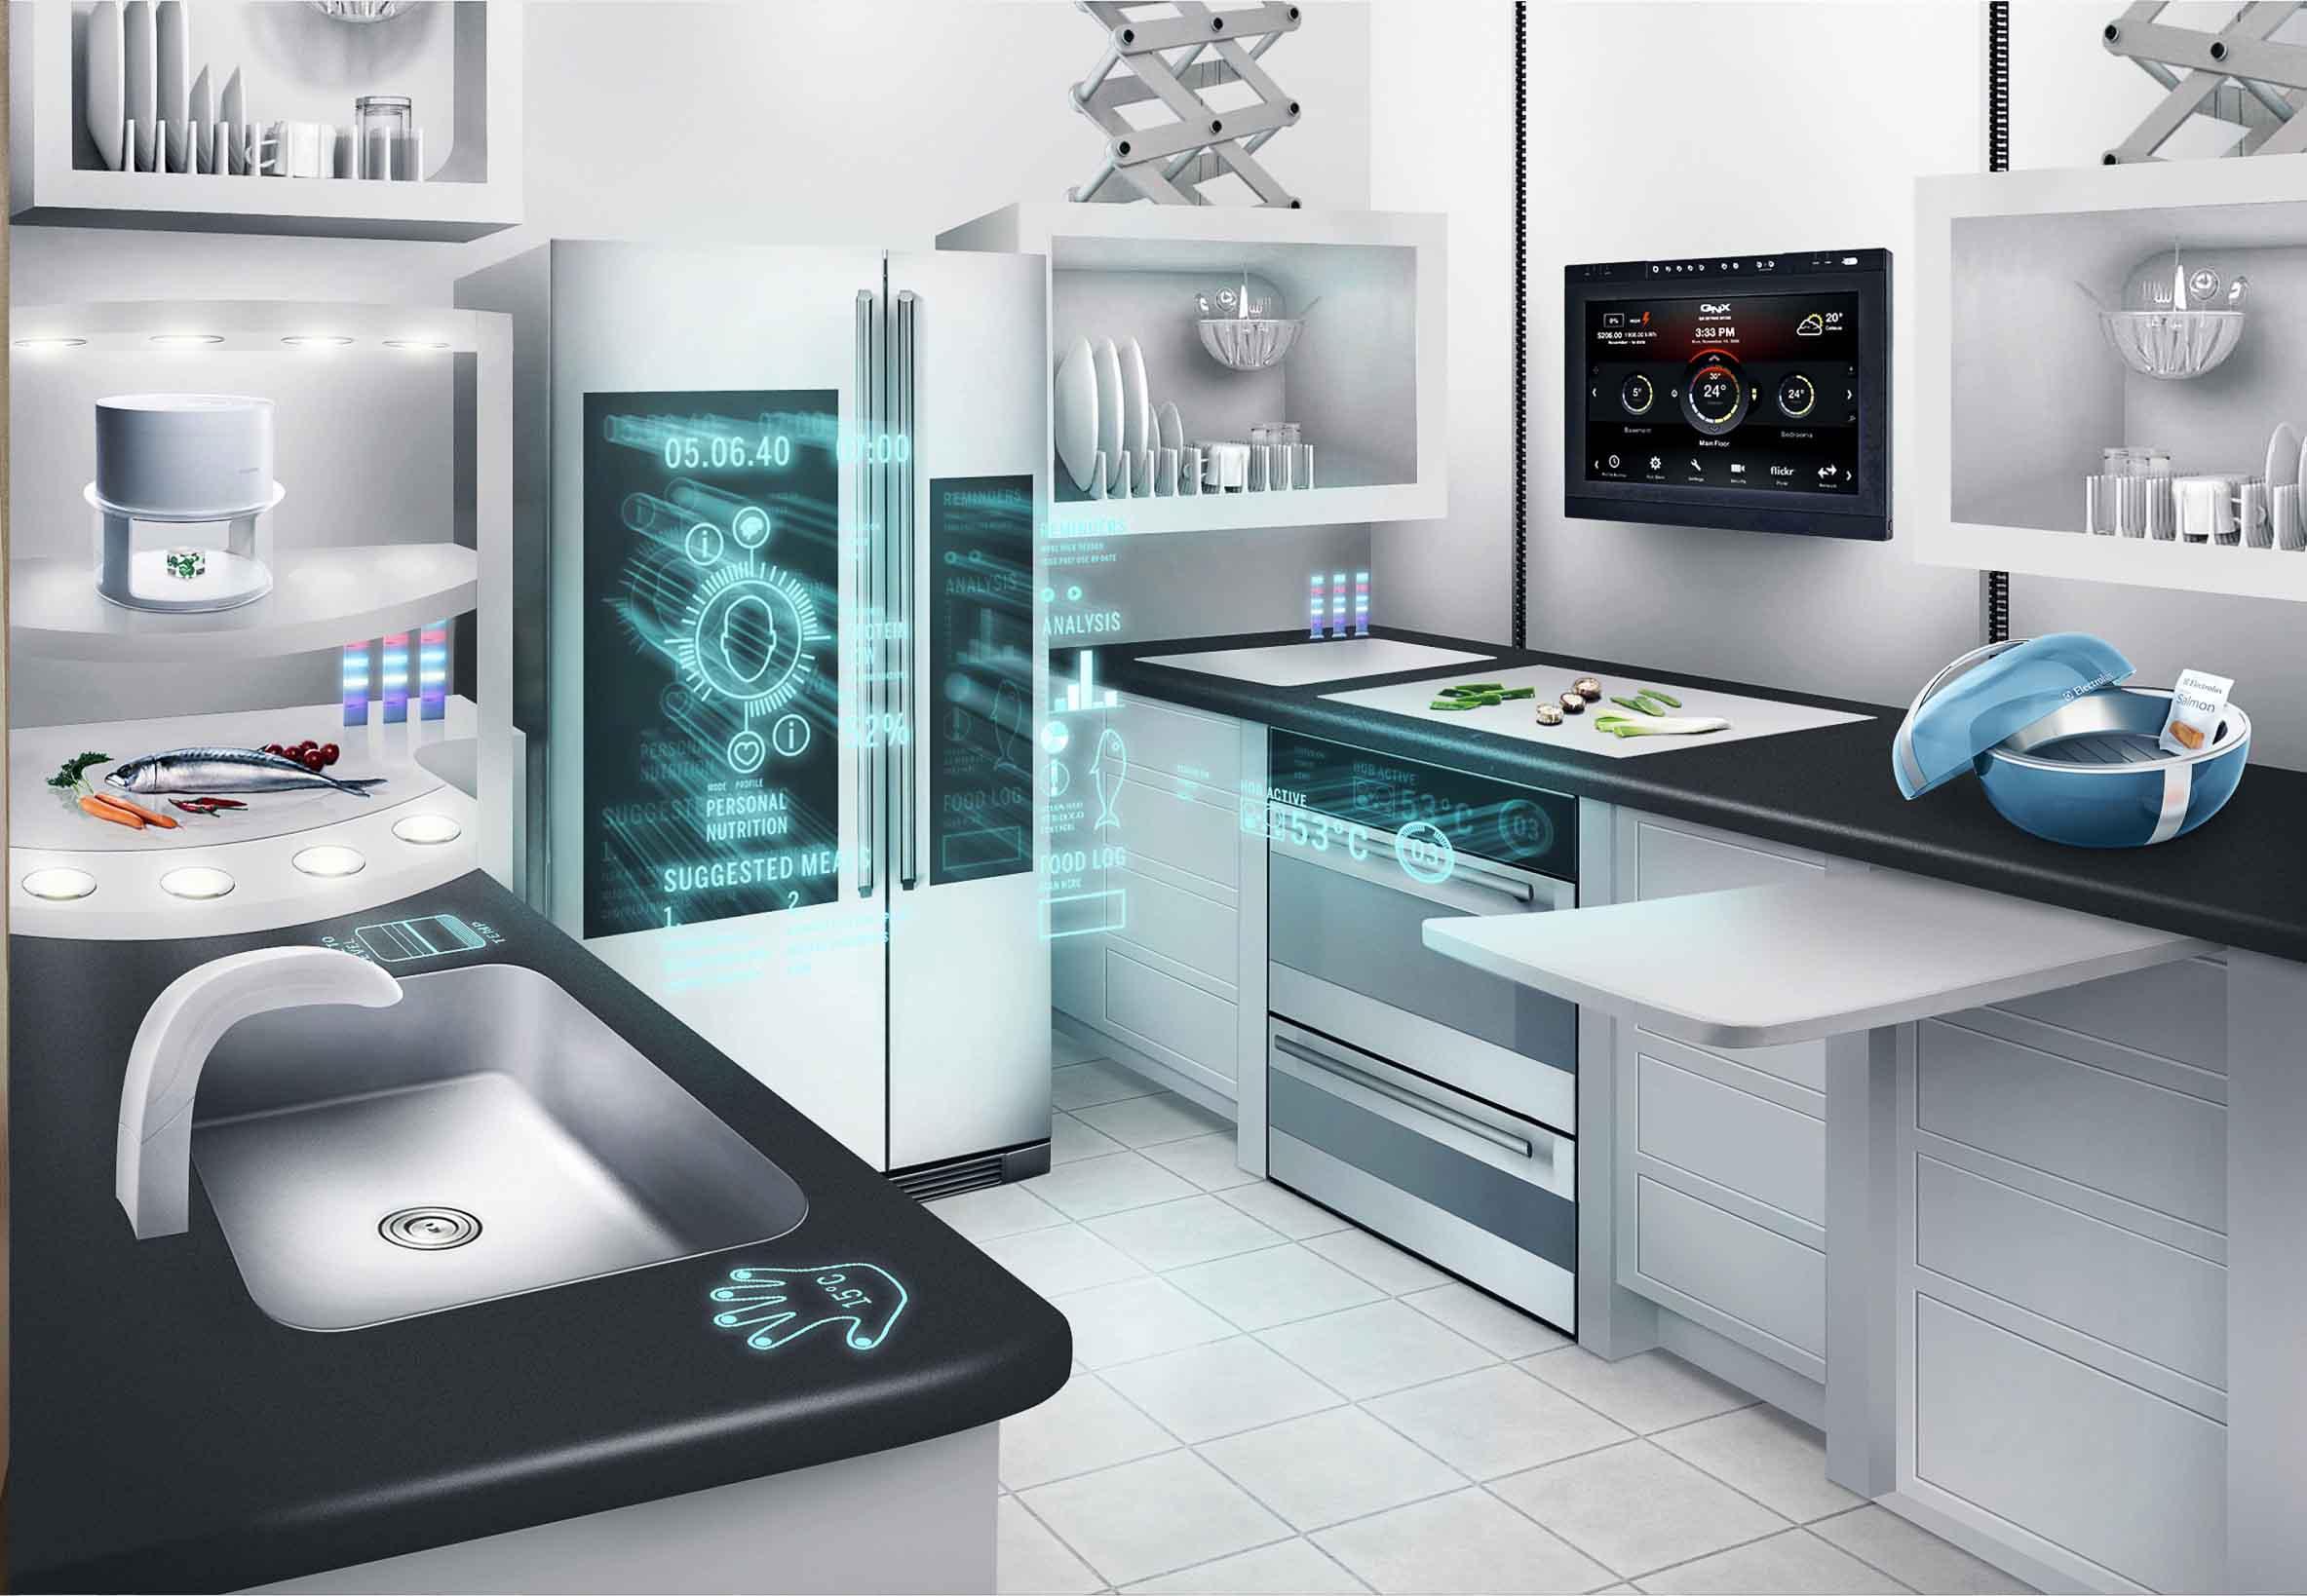 The Smart Home of the Future – Amazing Futuristic concept